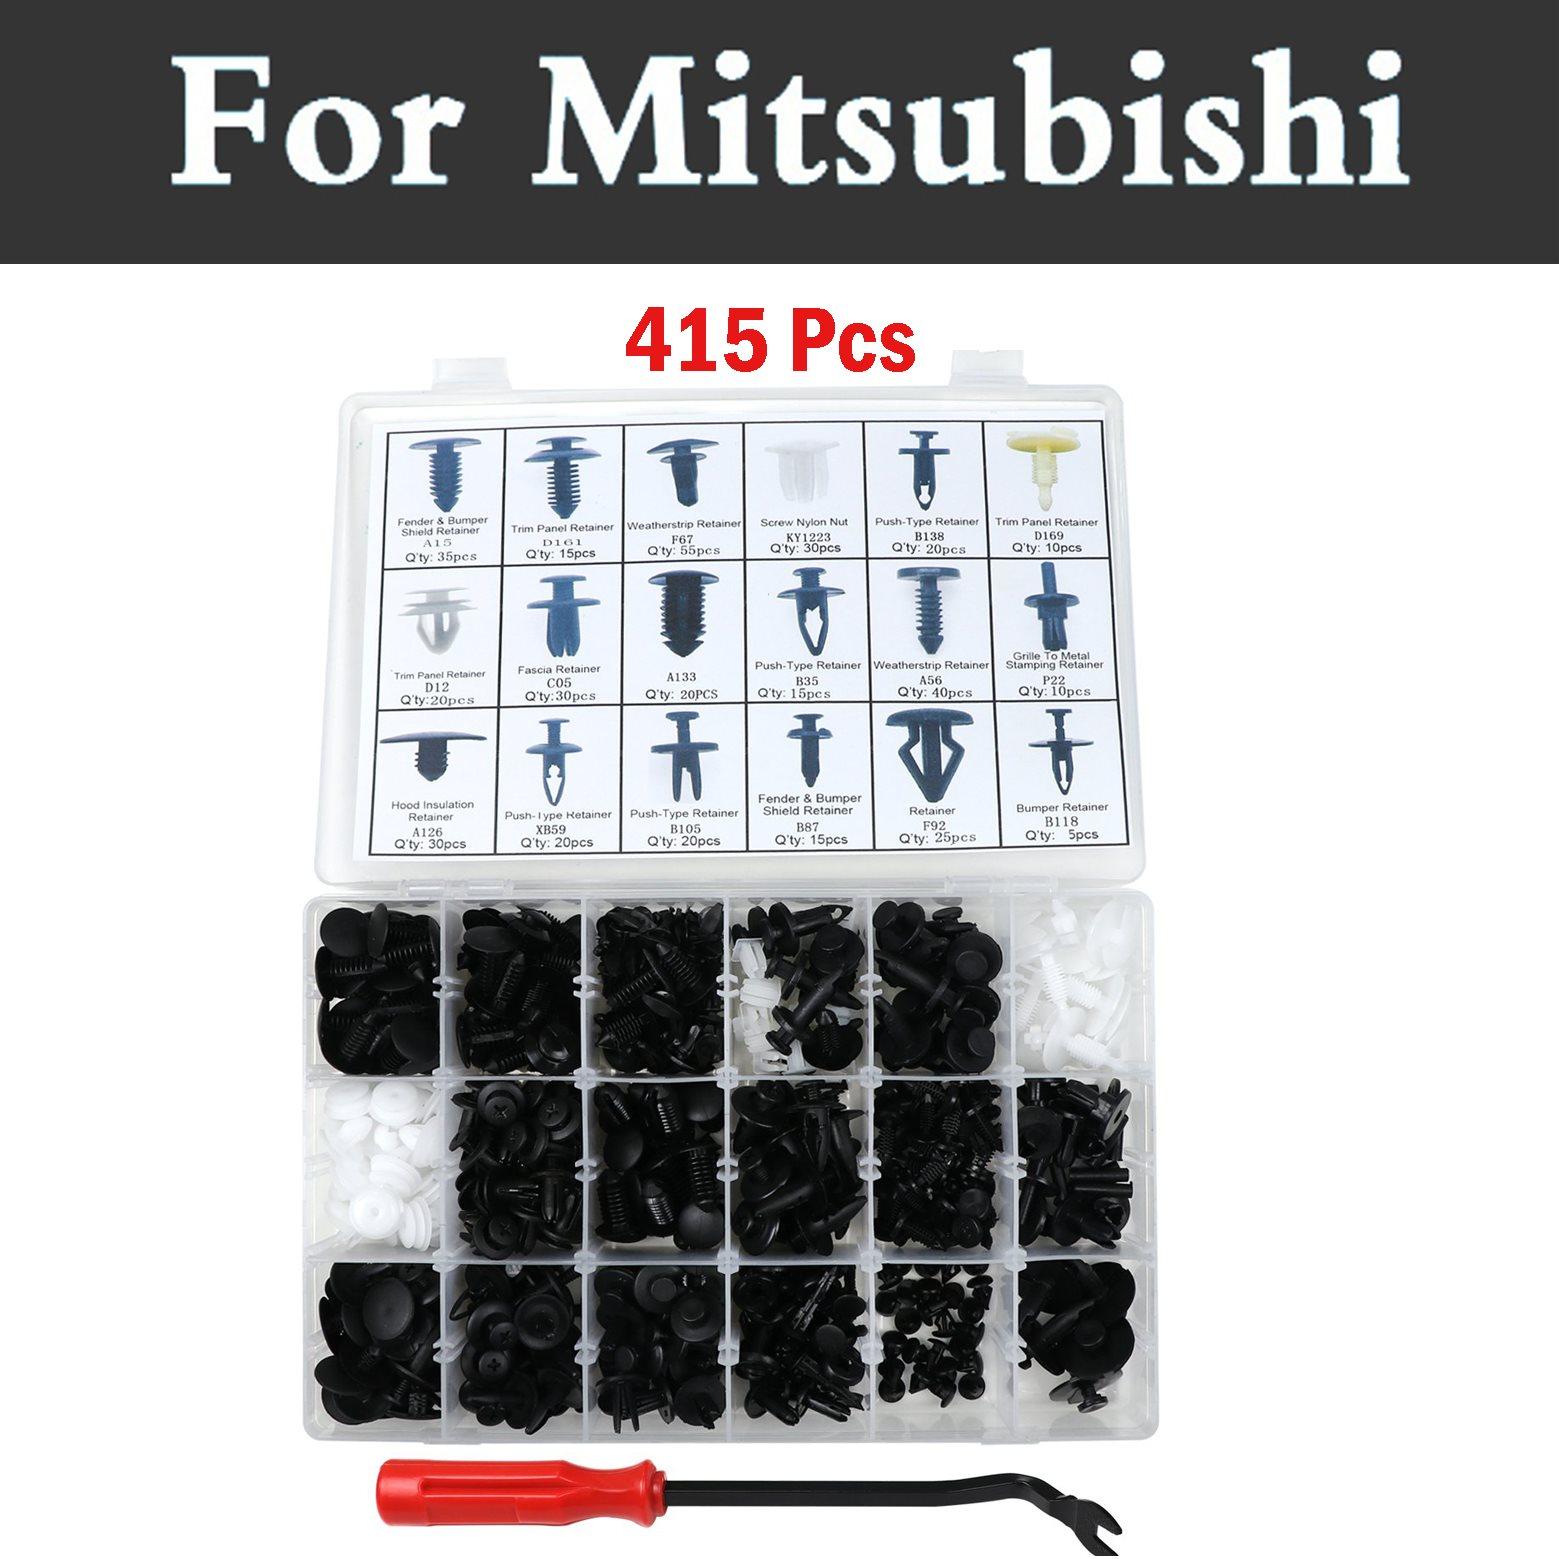 415pcs Car Assembly Expansion Clip Assortment Kit Rivets For Mitsubishi Airtrek Attrage Carisma Challenger Colt Eclipse Endeavor